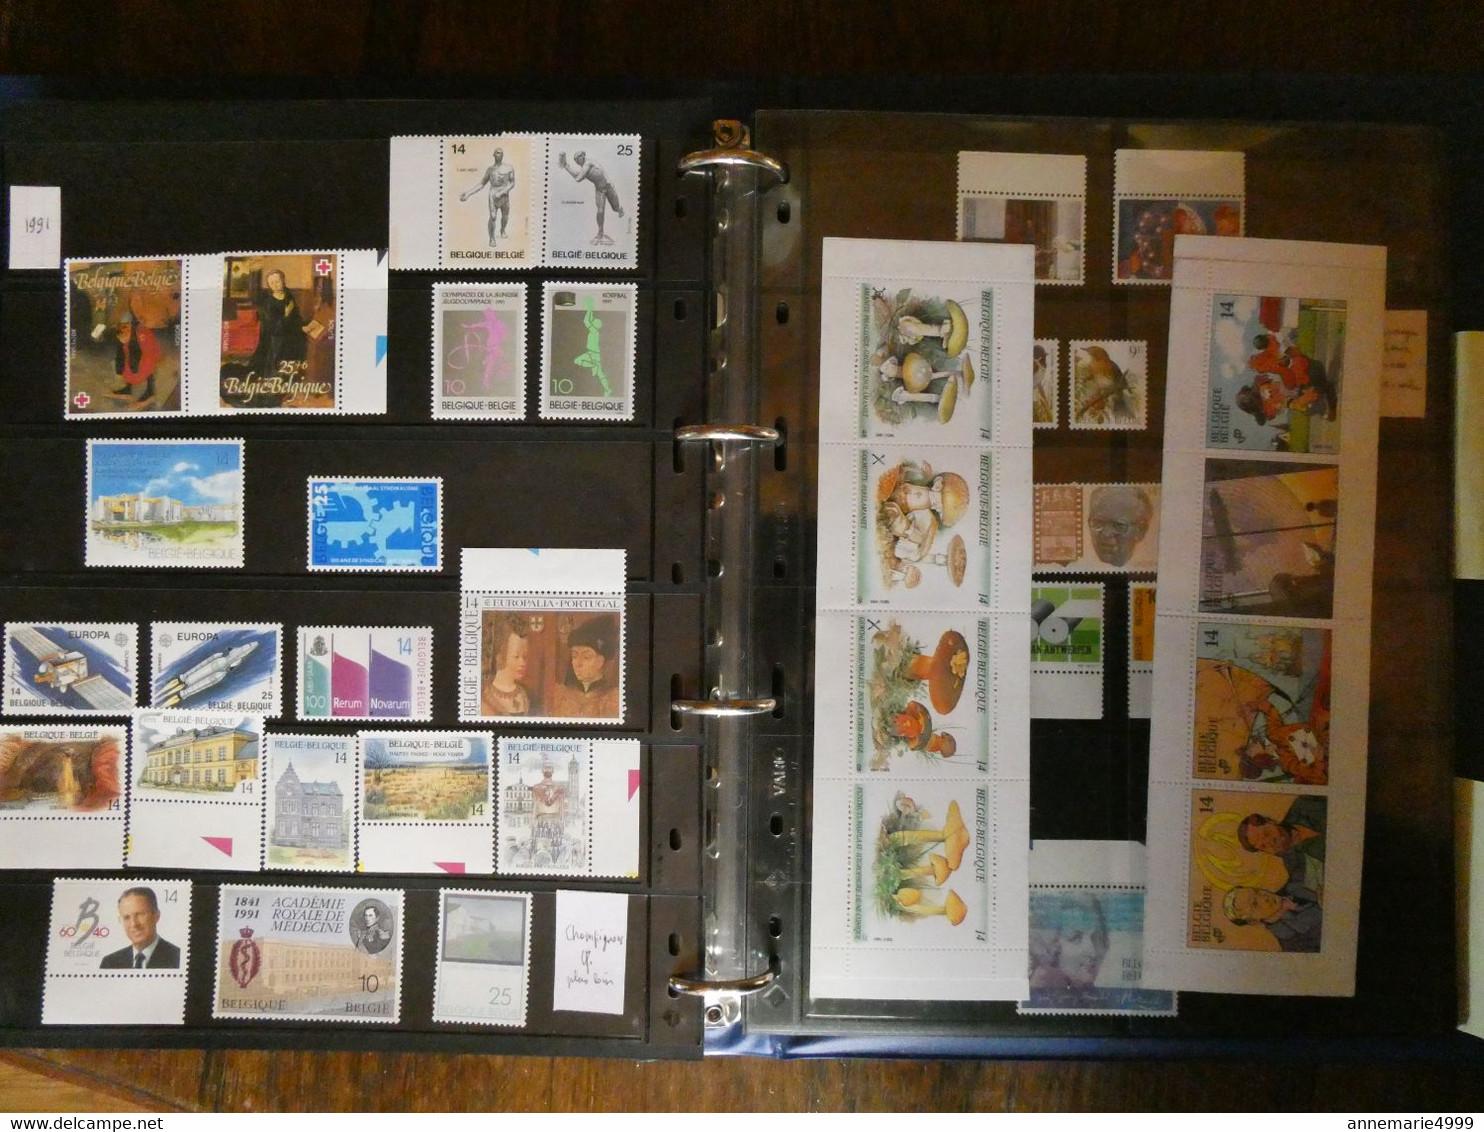 BELGIQUE Collection 1960 à 1999 Très,très Avancée,faciale 560 €,Neufs Sans Charn MNH - Collections